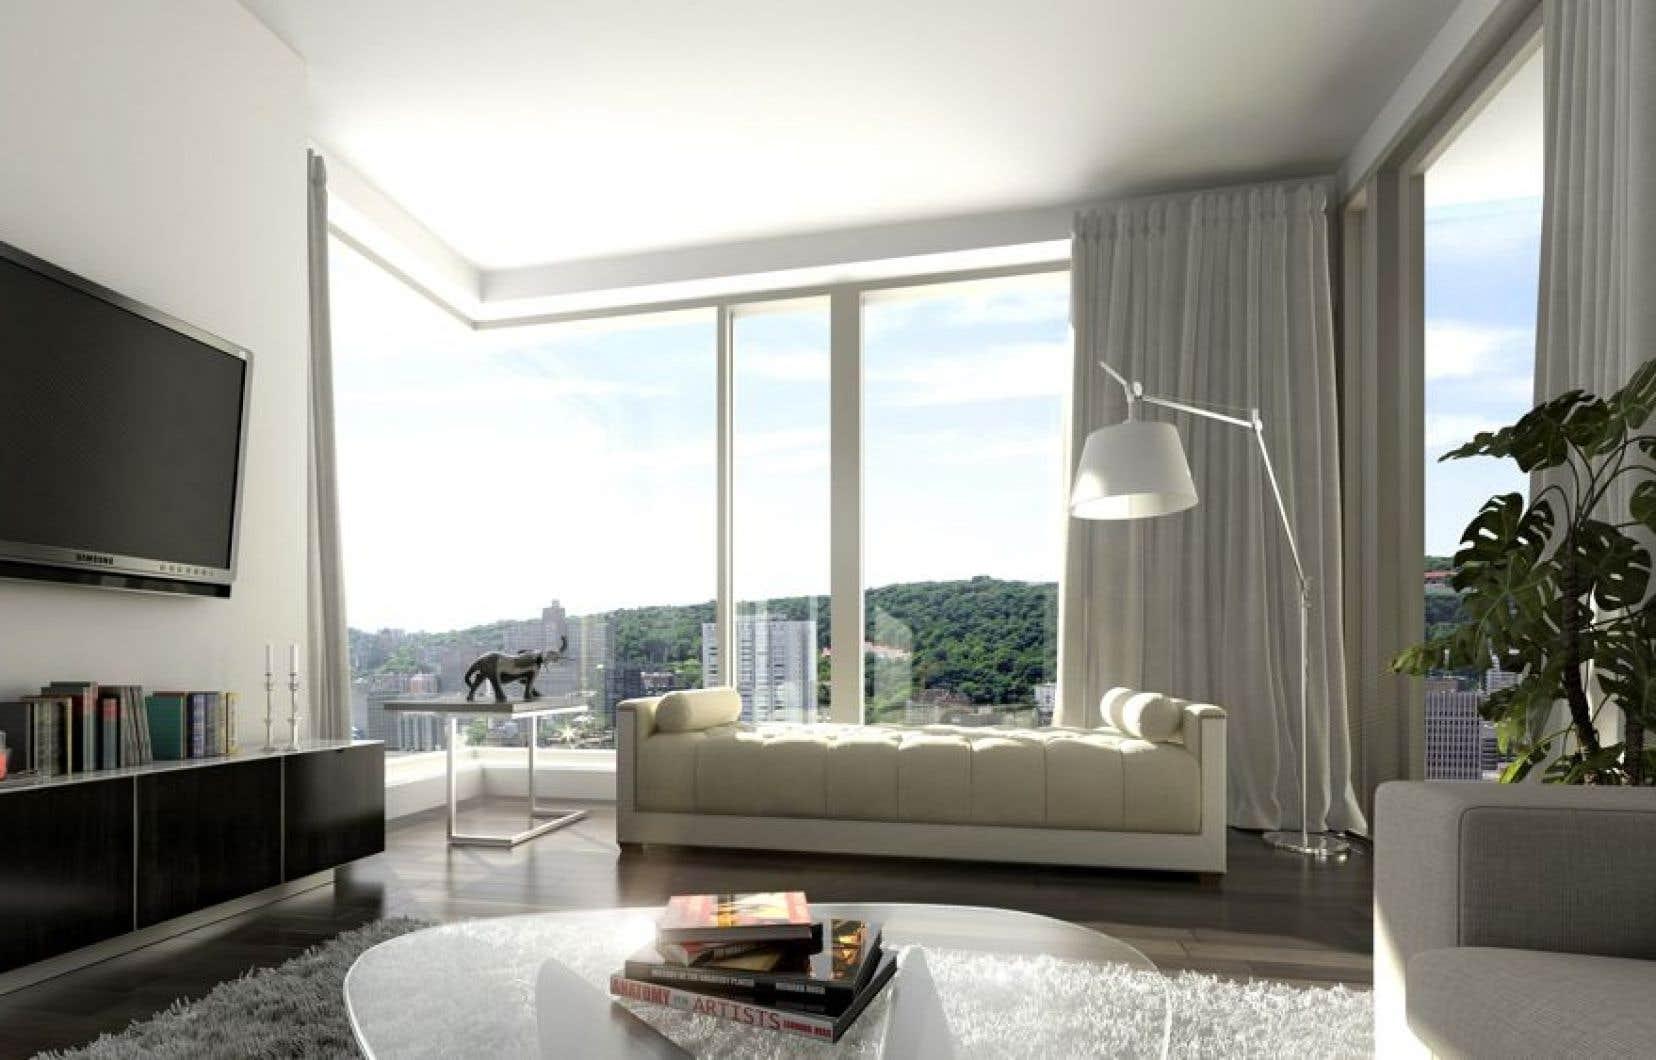 L'aménagement de l'espace dans les logements a été fait avec grand soin. La fenestration dans les condos sera pleine hauteur et les plafonds auront 9, 10 ou 12 pieds de haut.